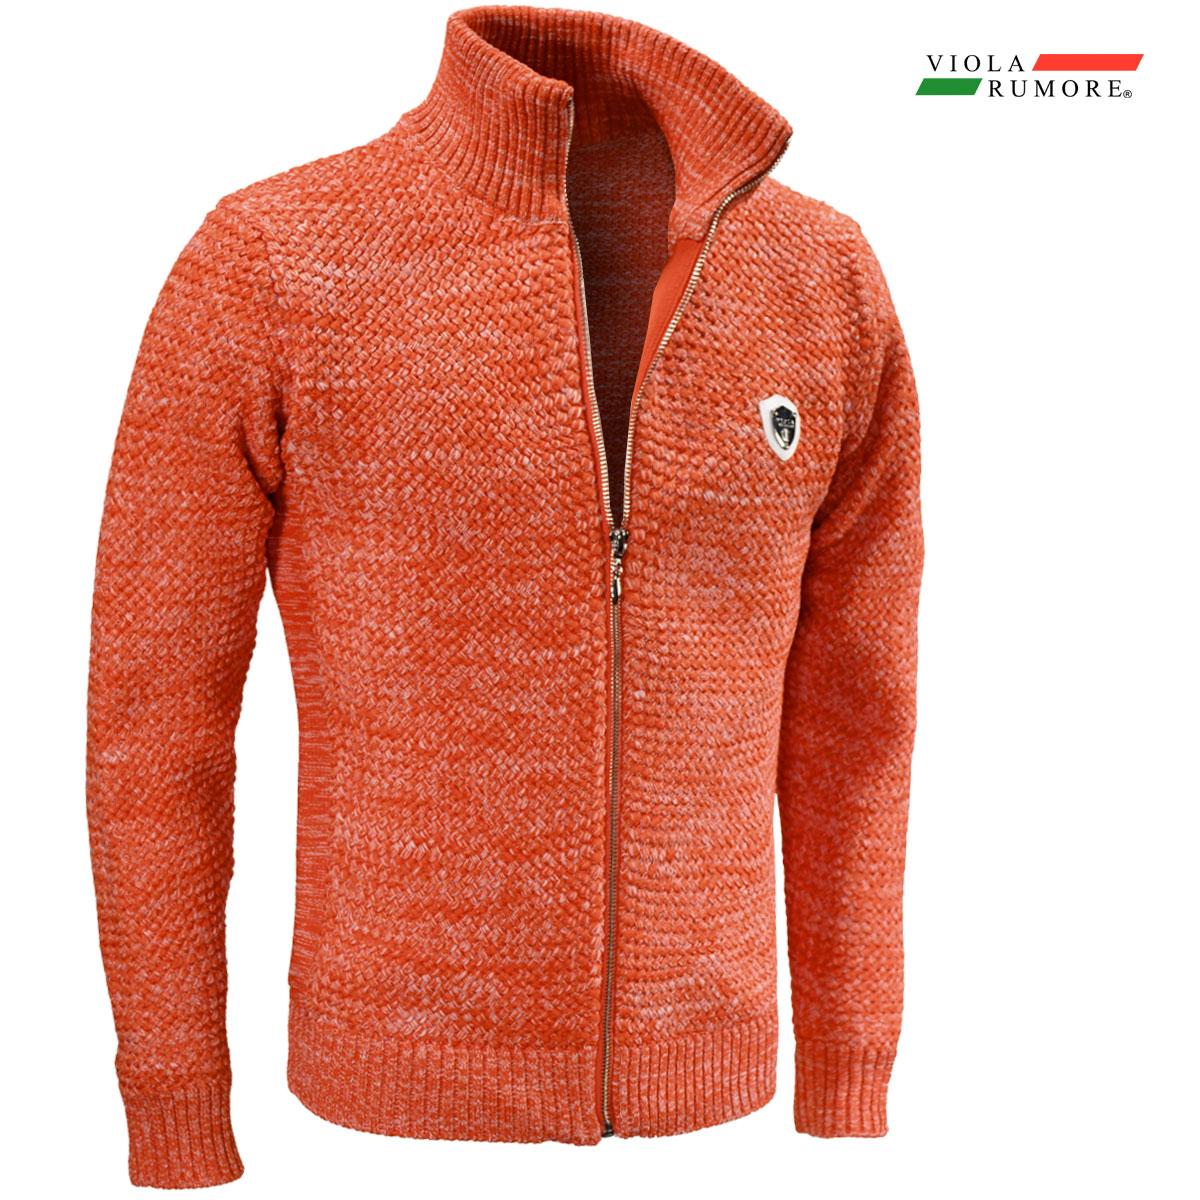 VIOLA rumore ヴィオラ ビオラ ニット フルジップアップ メンズ バスケット編み ニットジャケット 5ゲージ mens(オレンジ橙)